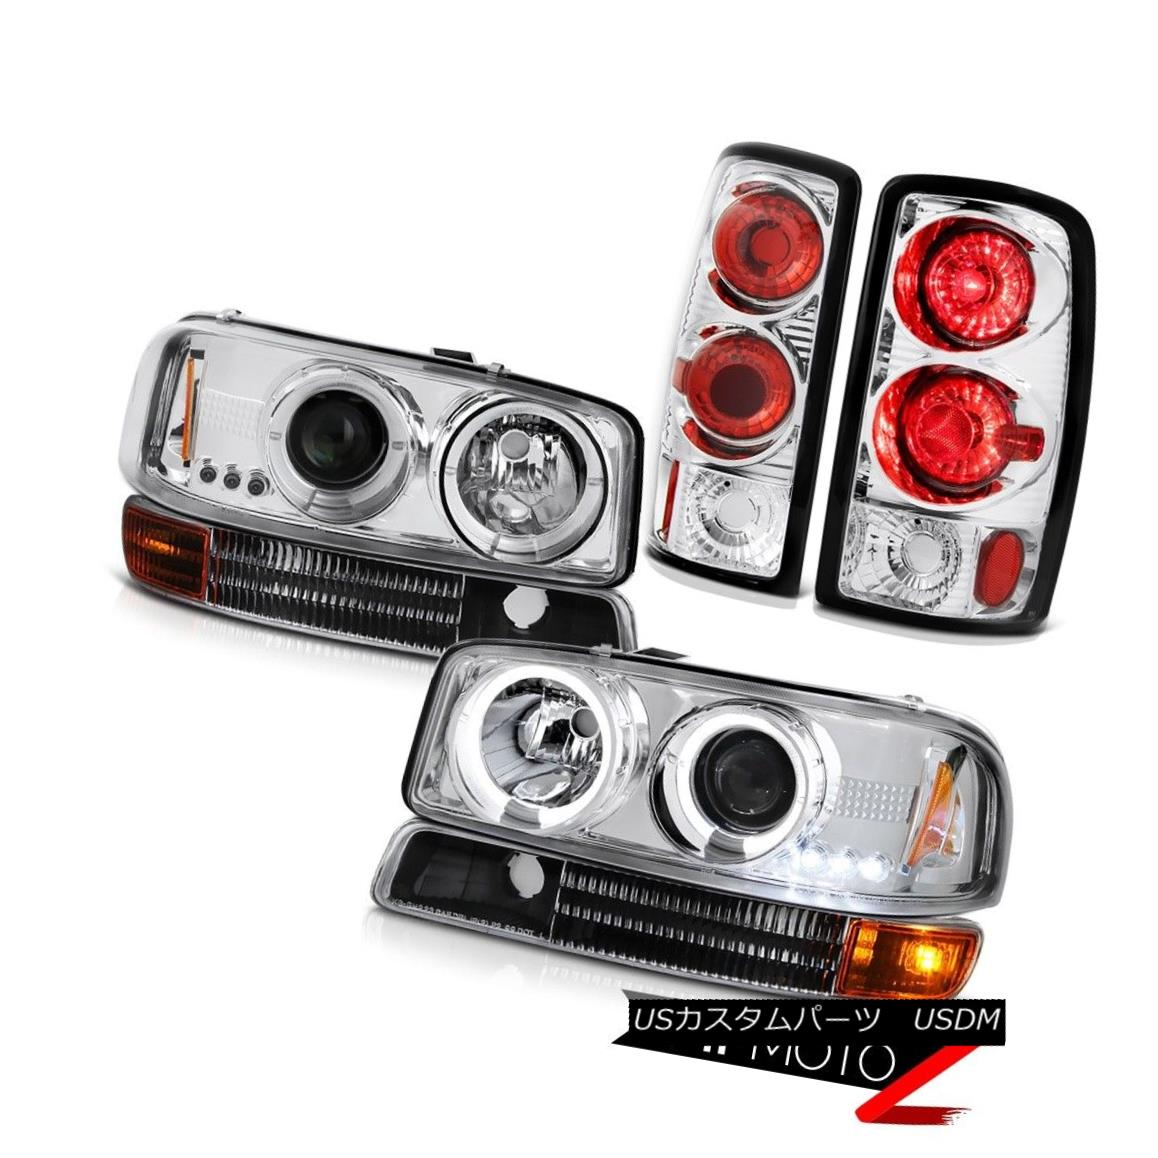 ヘッドライト GMC 00-06 Yukon Halo Projector Headlight Headlamp Singal Bumper Clear Tail Light GMC 00-06ユーコンヘイロープロジェクターヘッドライトヘッドランプシンバルバンパークリアテールライト